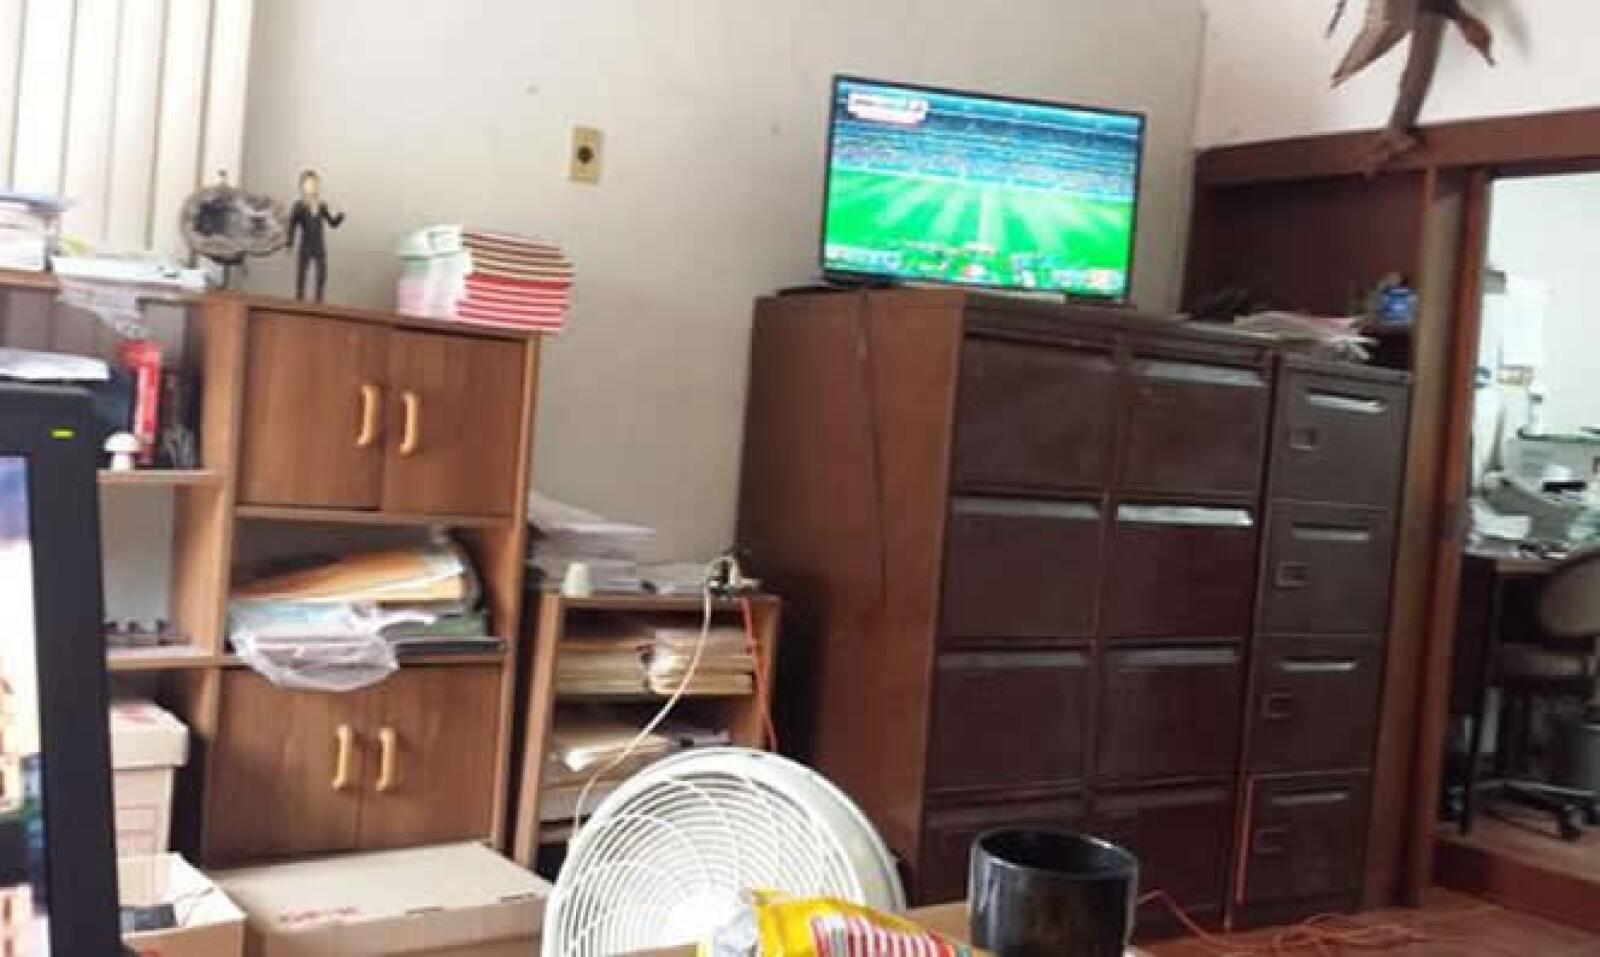 Los archiveros de @oskimedina fueron la base de la pantalla que usó en su oficina para sintonizar el partido.